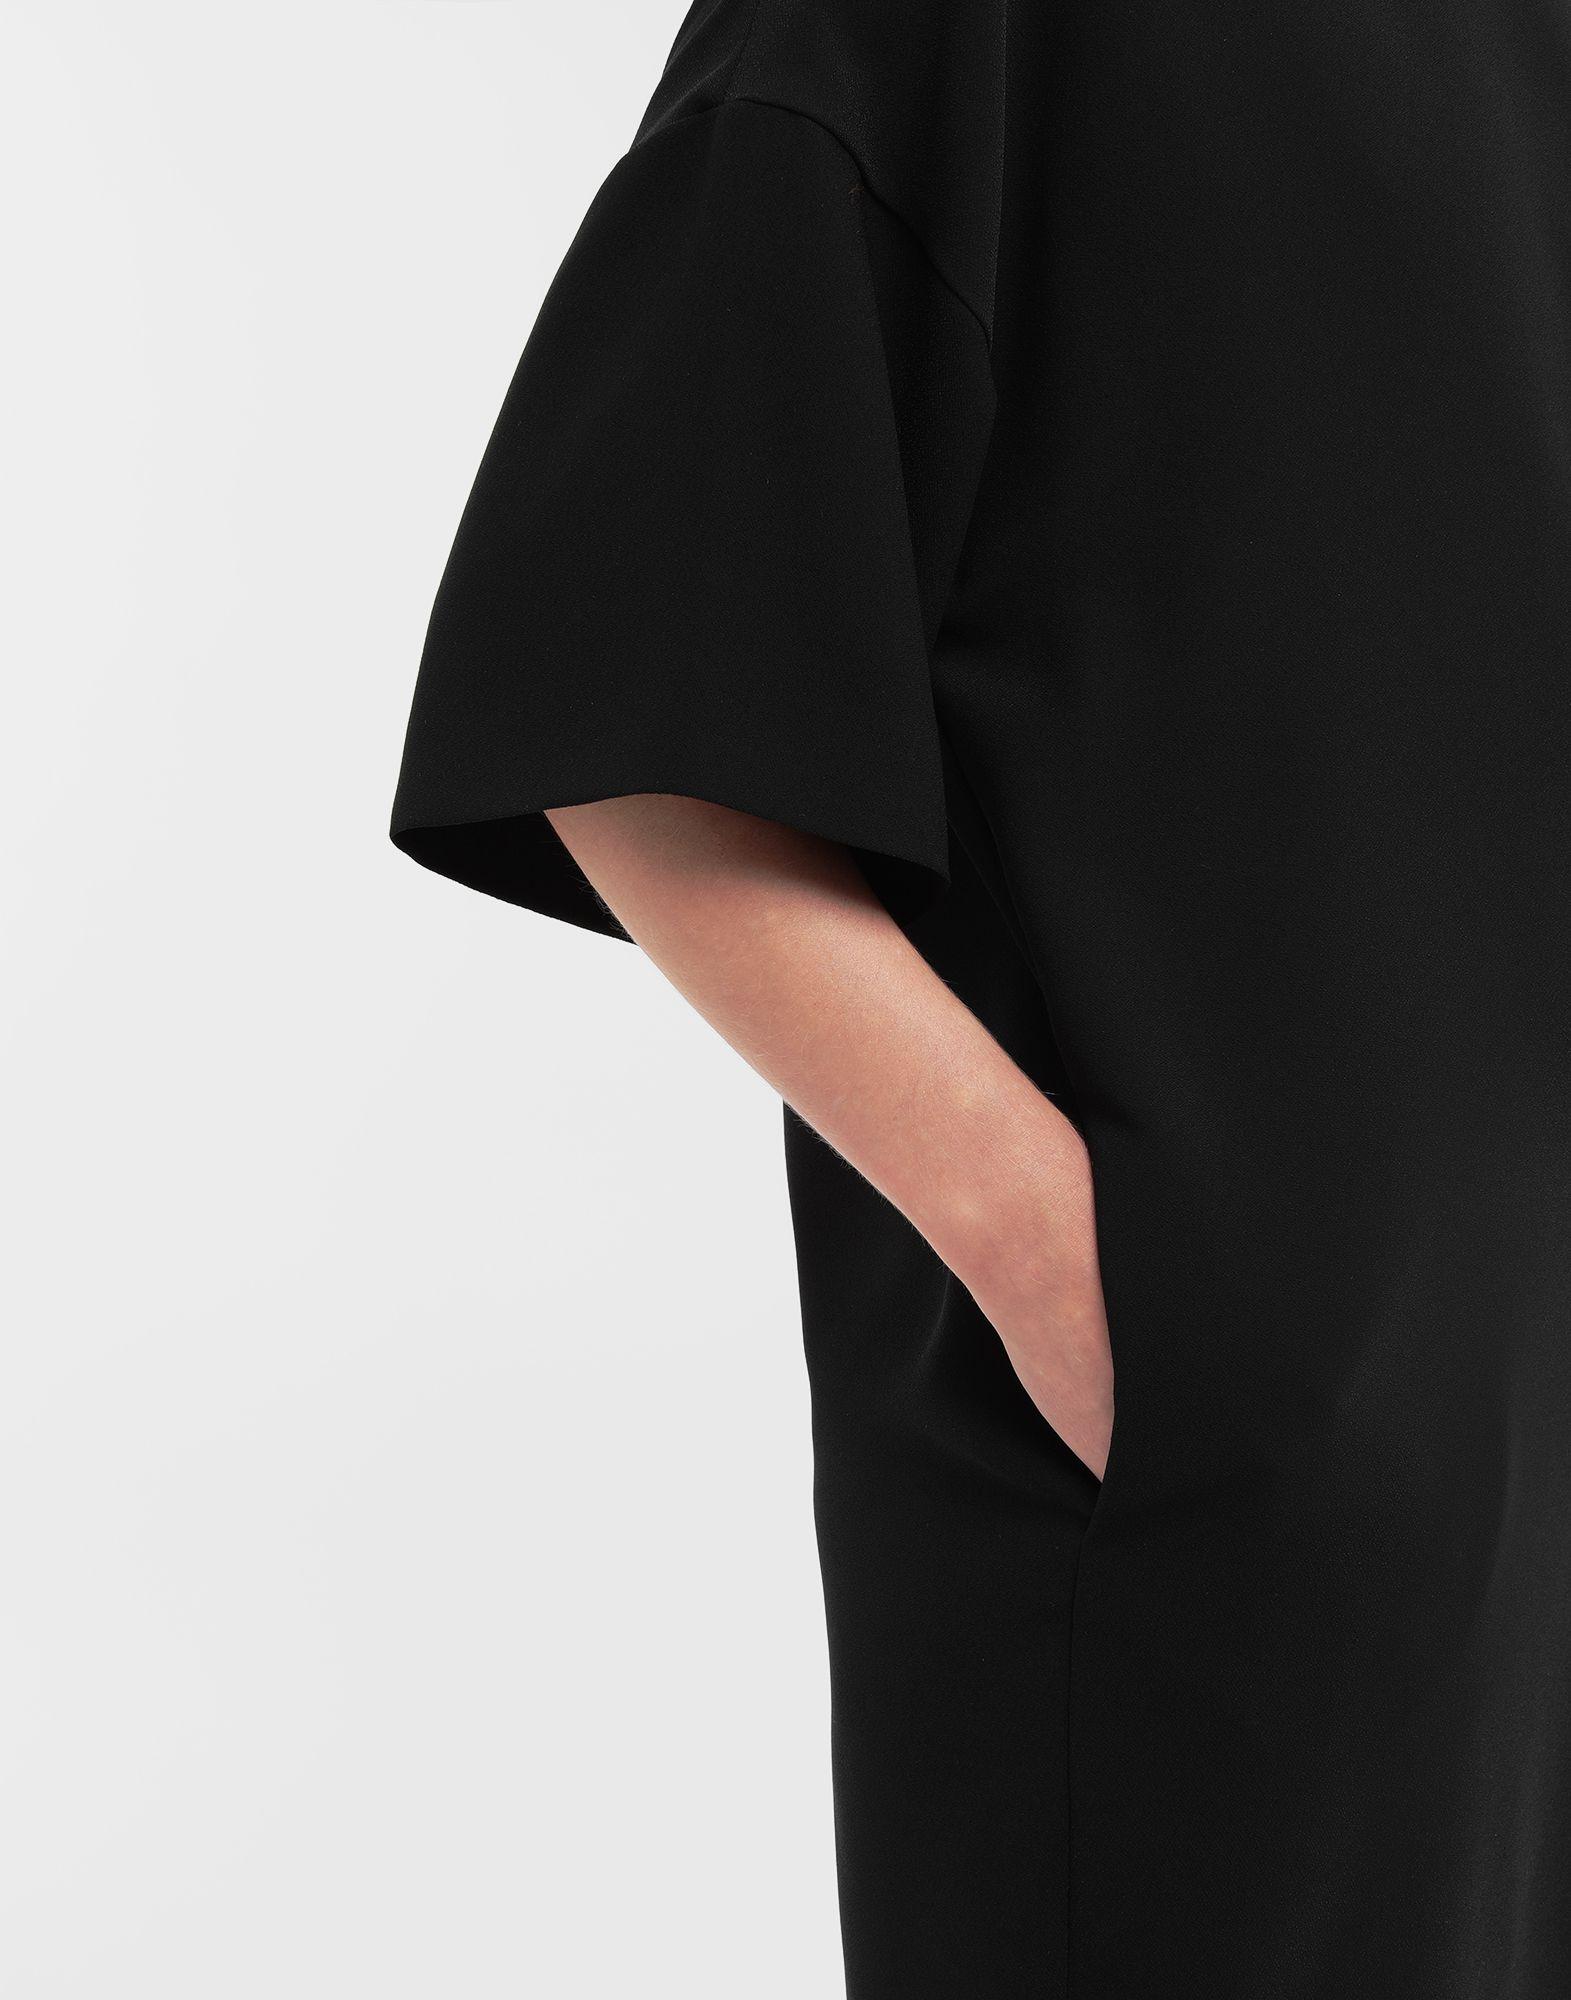 MAISON MARGIELA Lace-up jersey midi dress Short dress Woman a